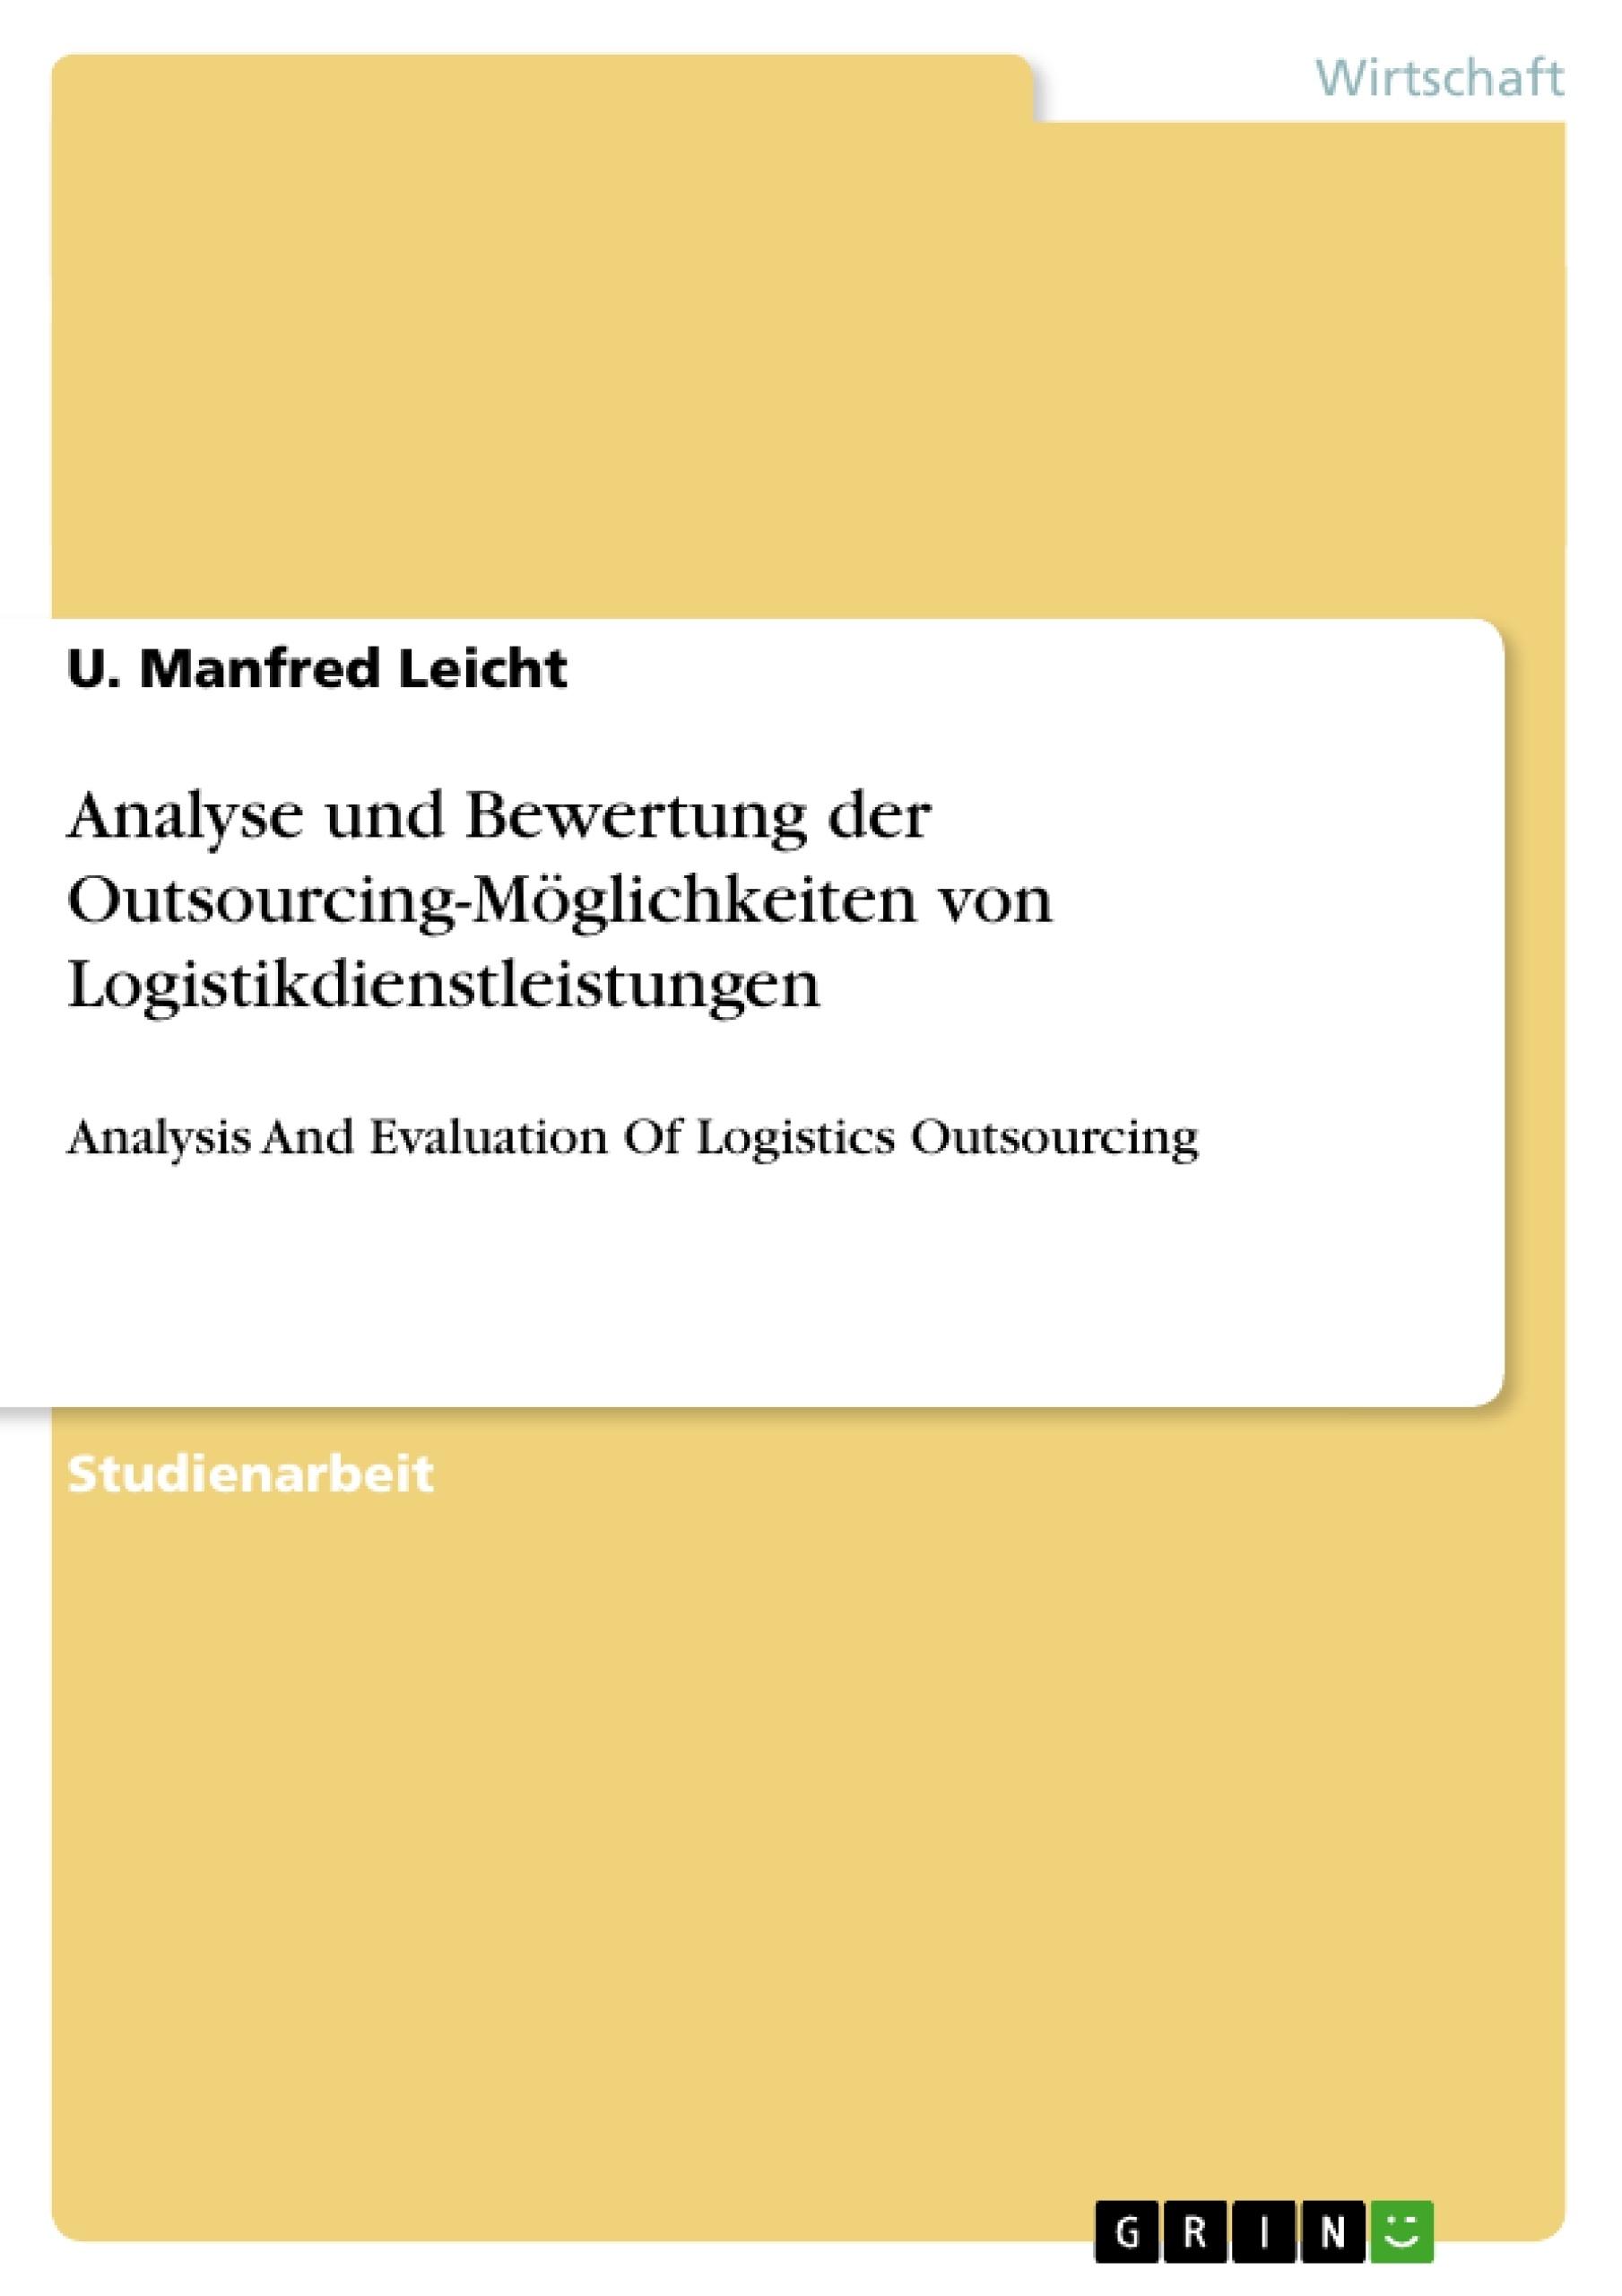 Titel: Analyse und Bewertung der Outsourcing-Möglichkeiten von Logistikdienstleistungen